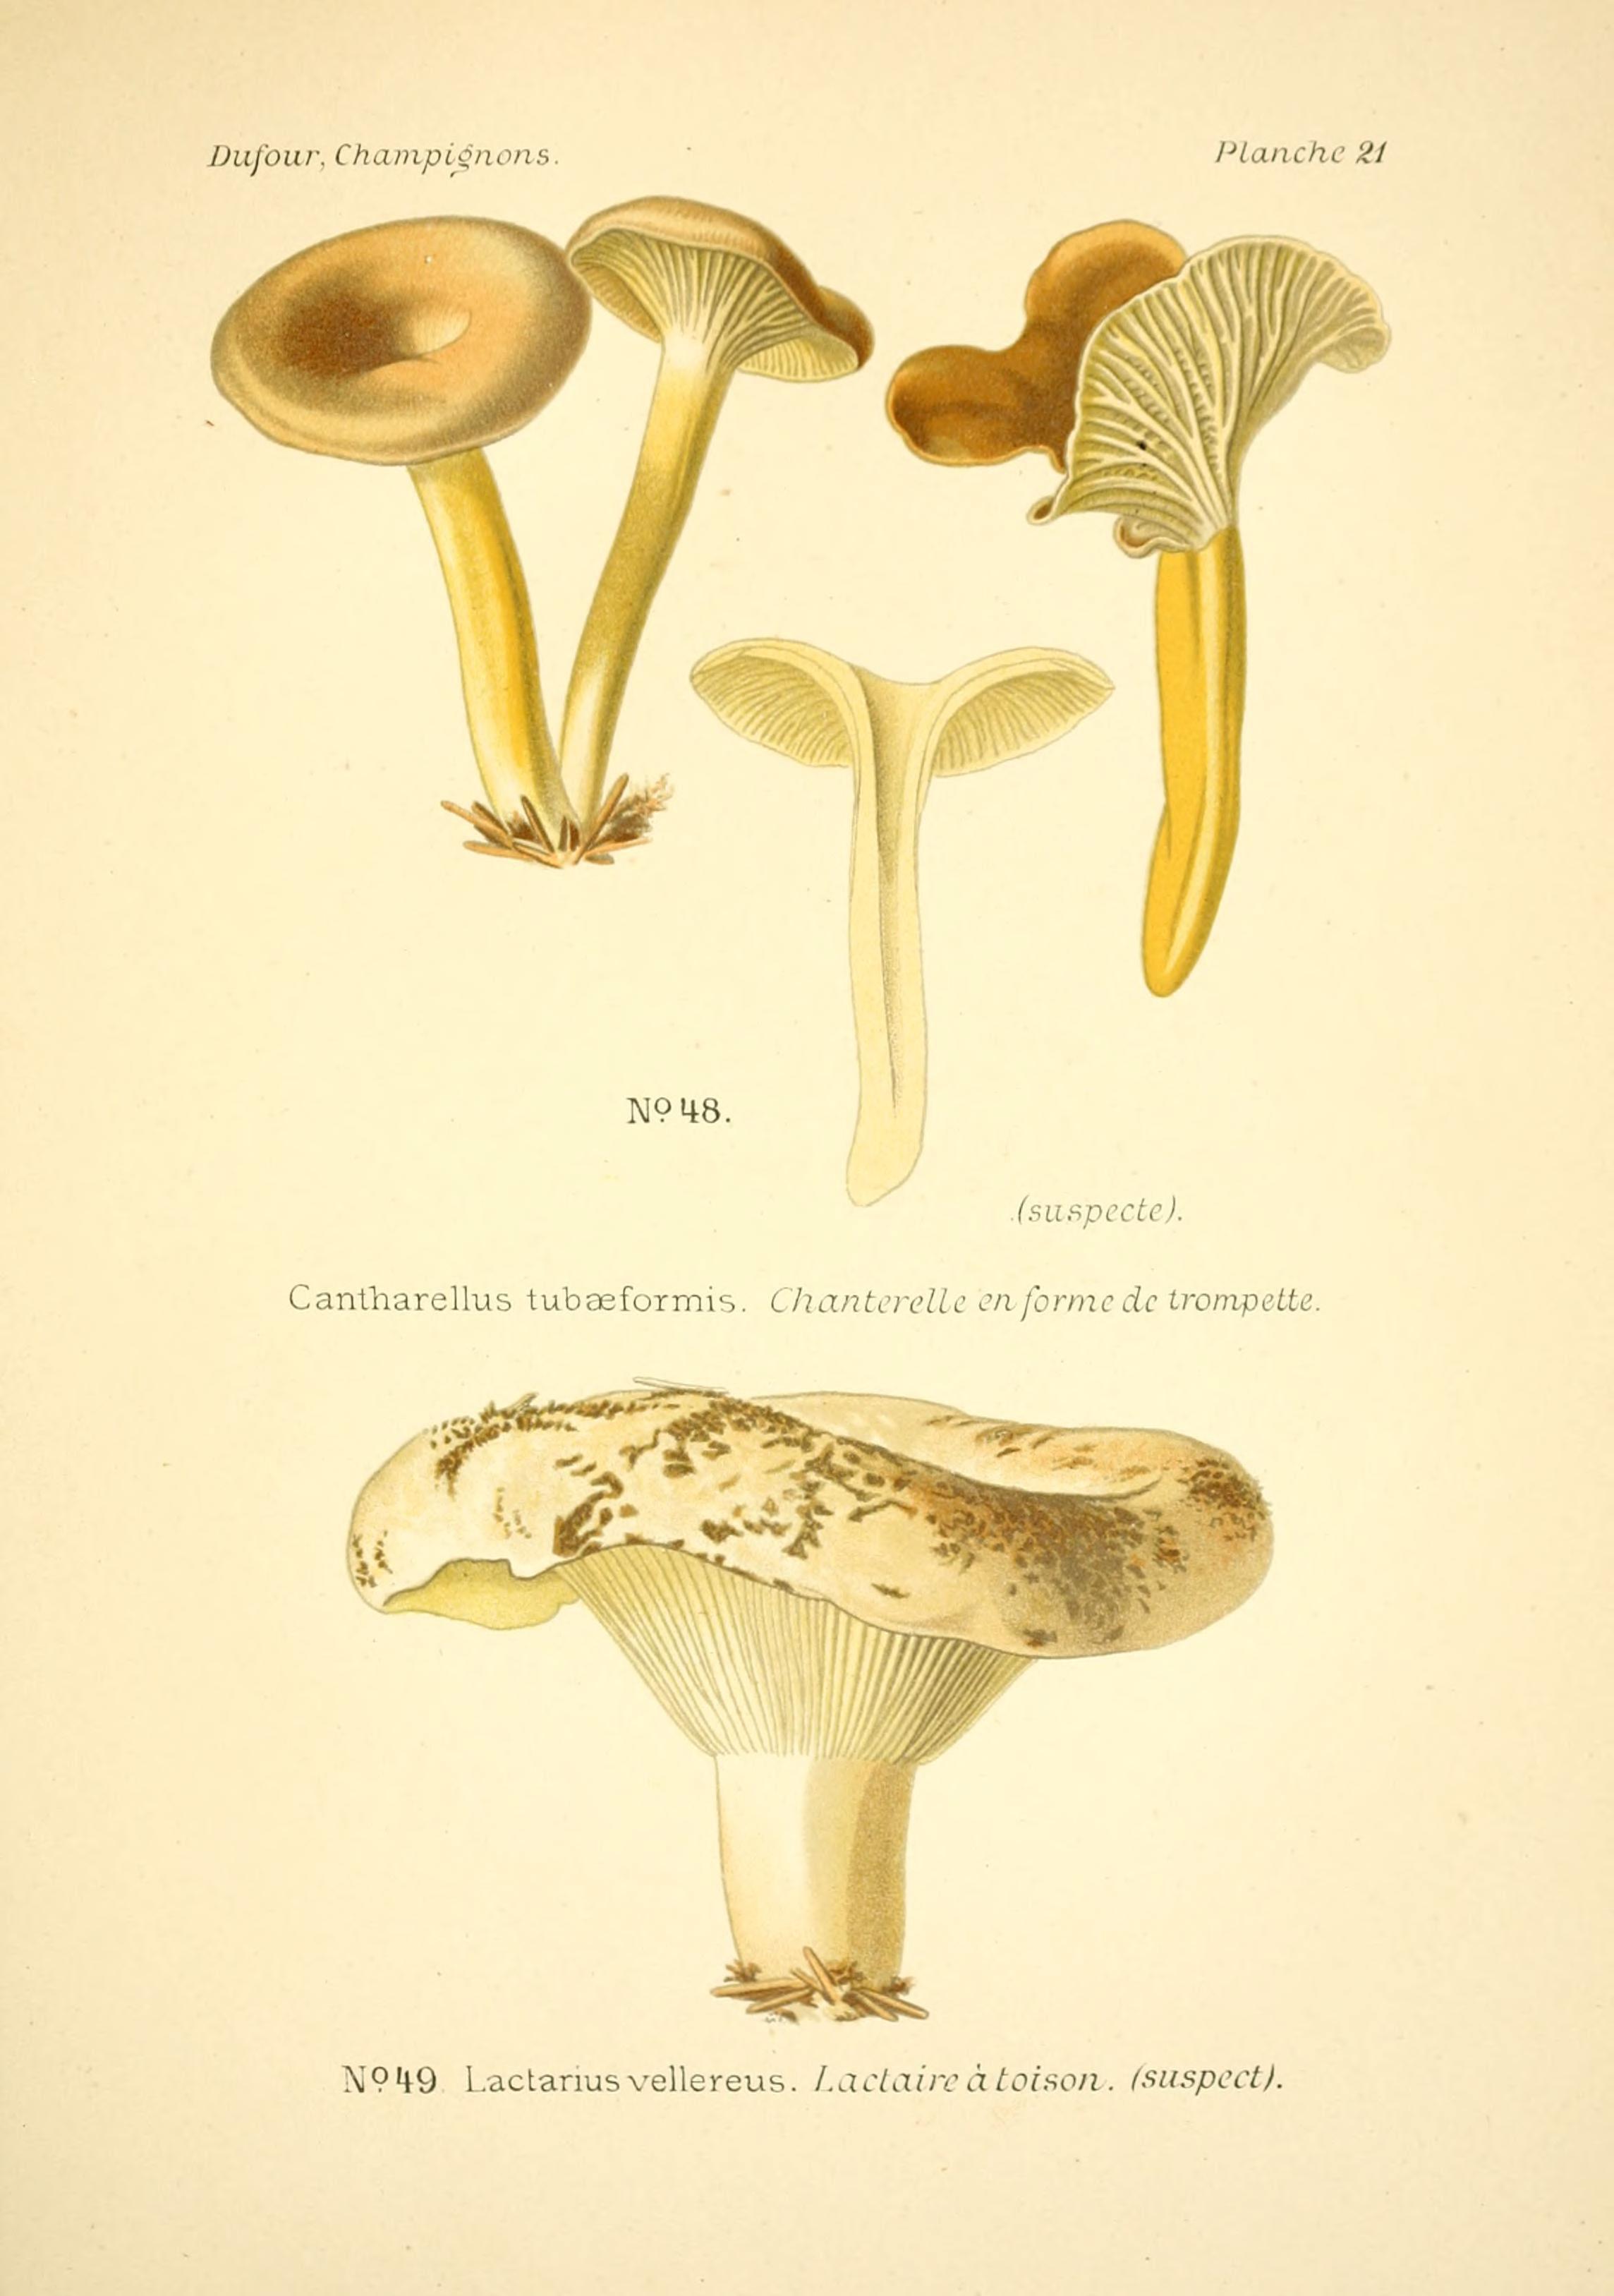 File:Atlas des champignons comestibles et vénéneux (Planche 21 ...